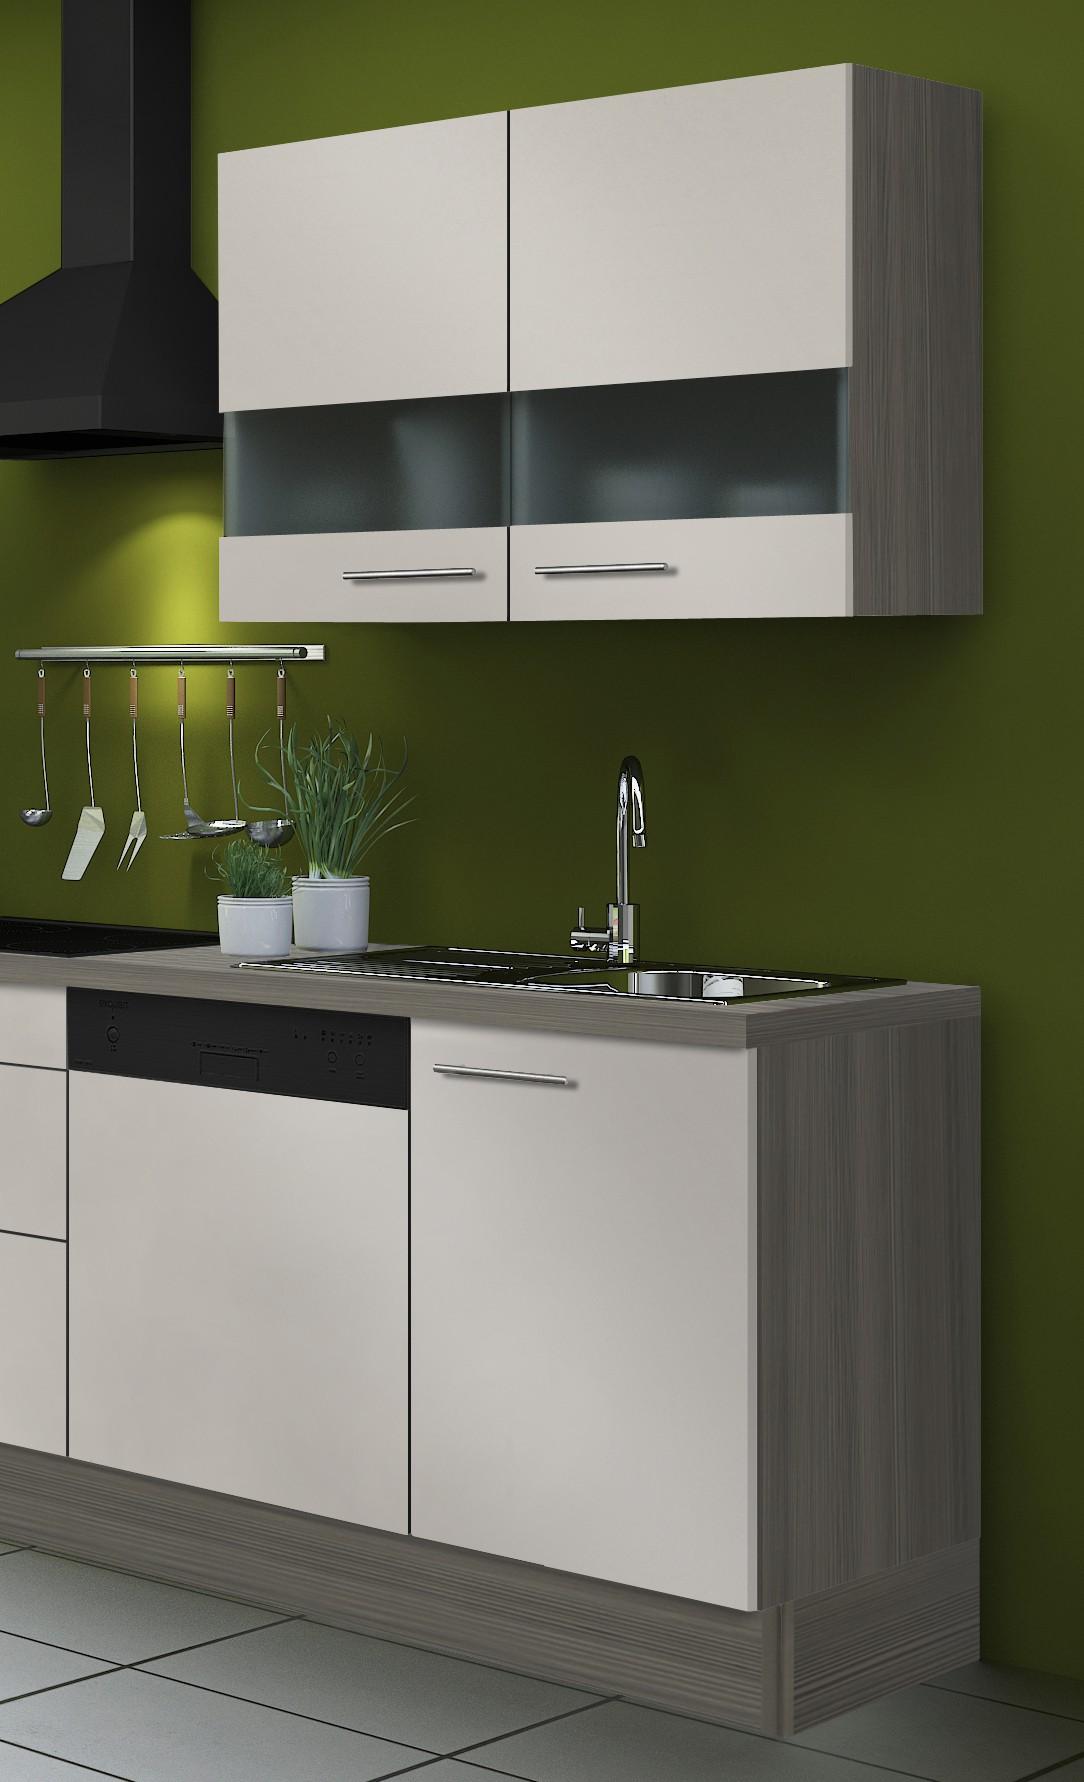 k chenzeile cadiz vario 5 k chen leerblock breite 270 cm beige k che k chenzeilen. Black Bedroom Furniture Sets. Home Design Ideas